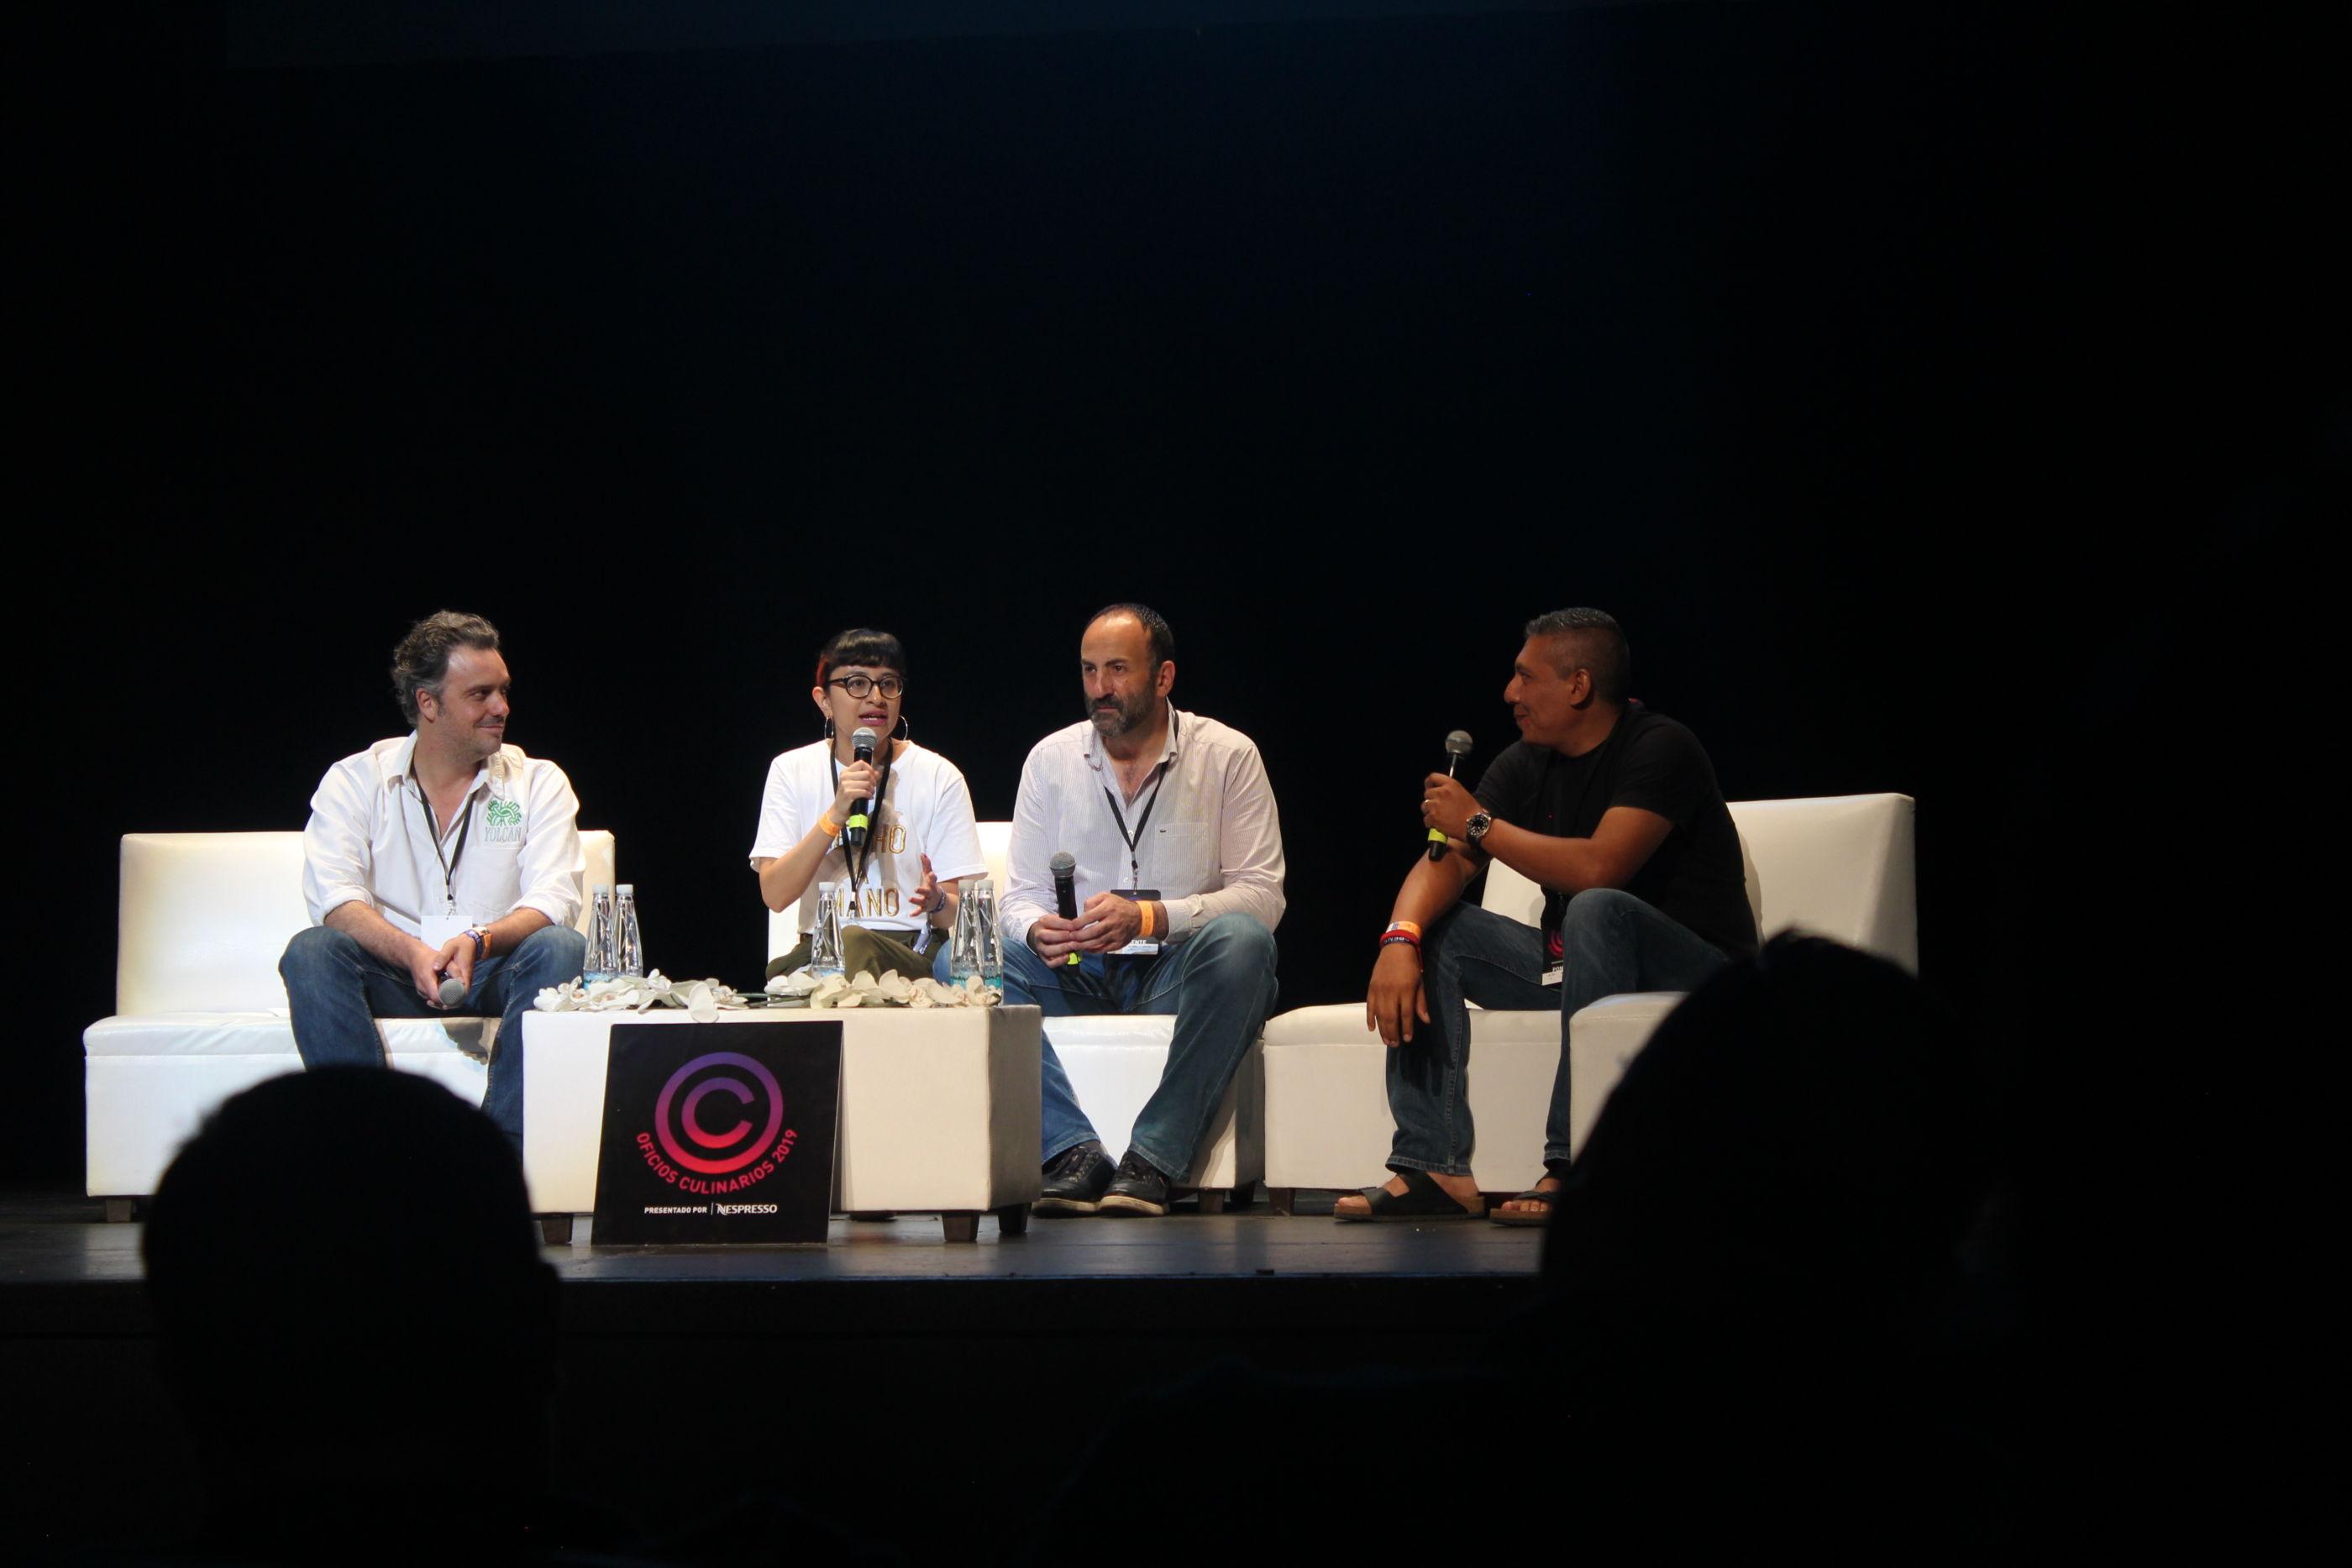 Oficios Culinarios, el congreso que reunió talento, experiencia y  pasión gastronómica en Acapulco